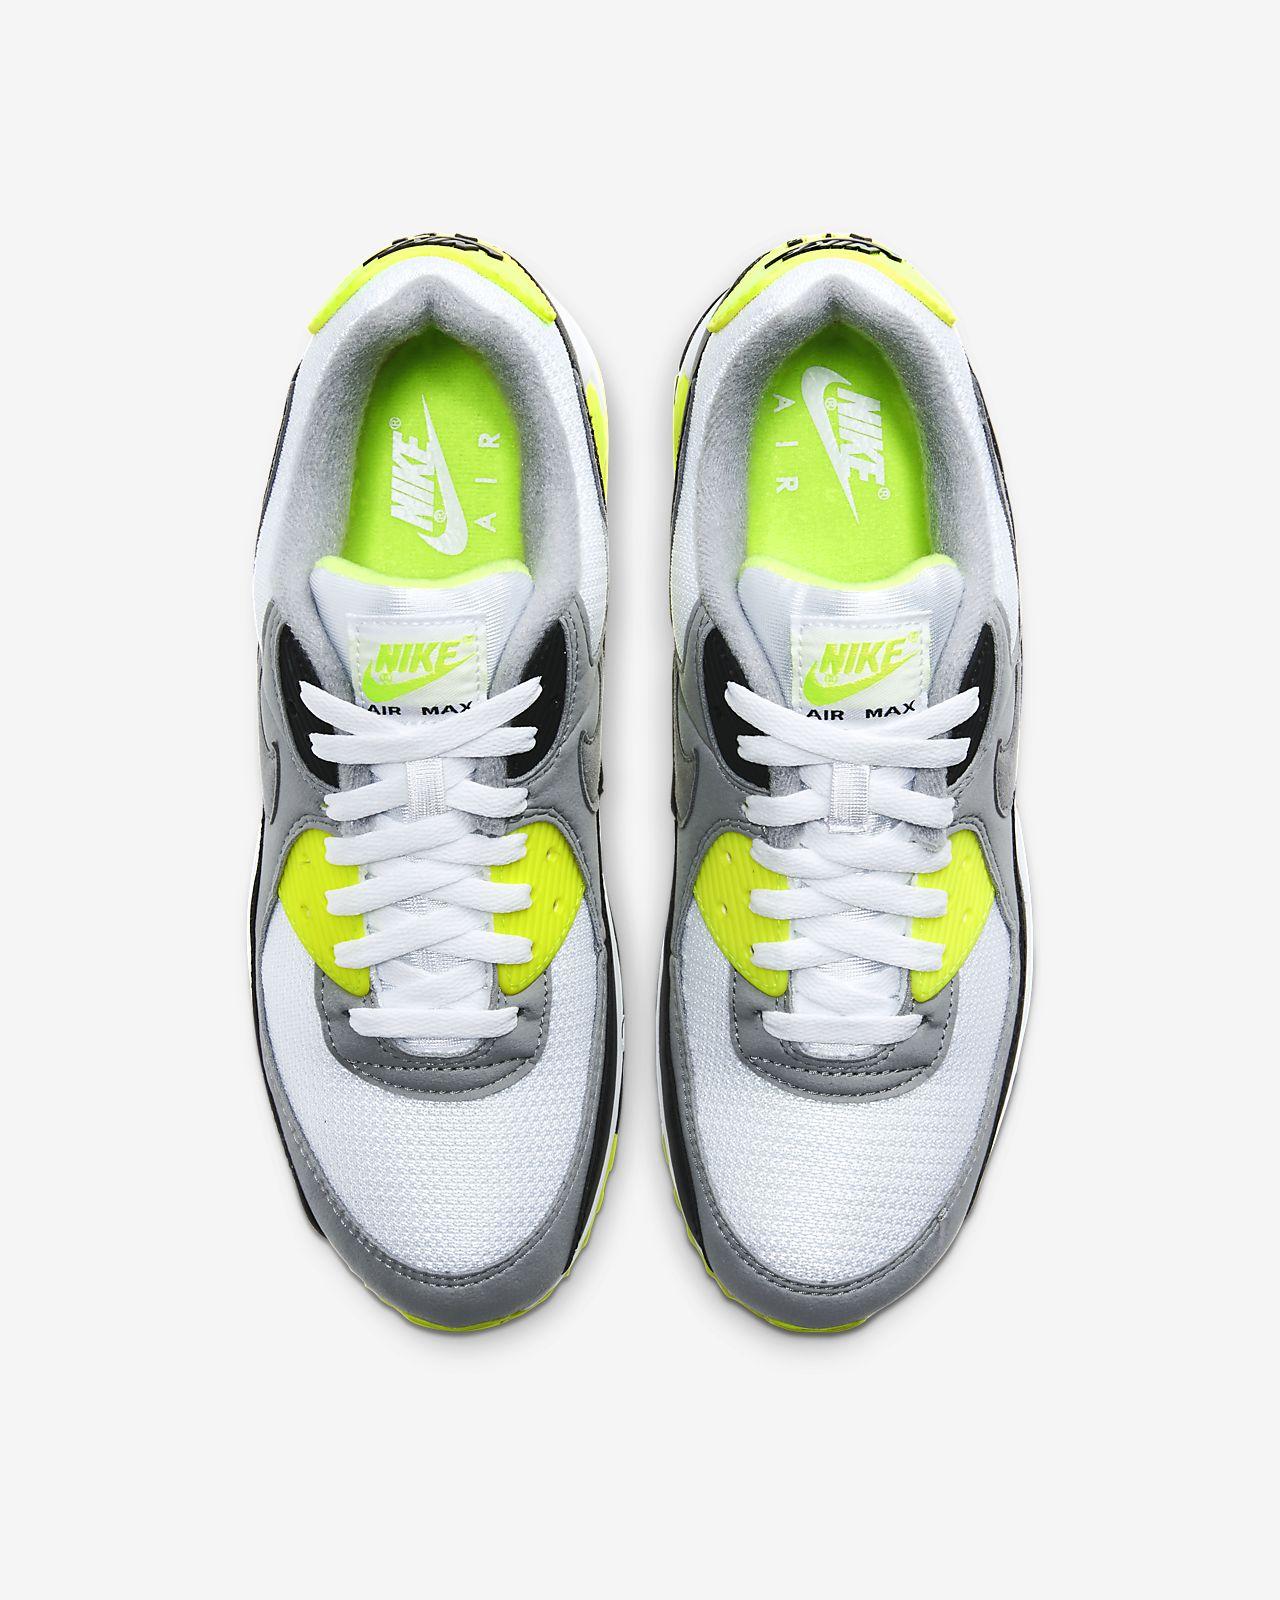 Nike Air Max 90 White Rose Light Smoke – Kith